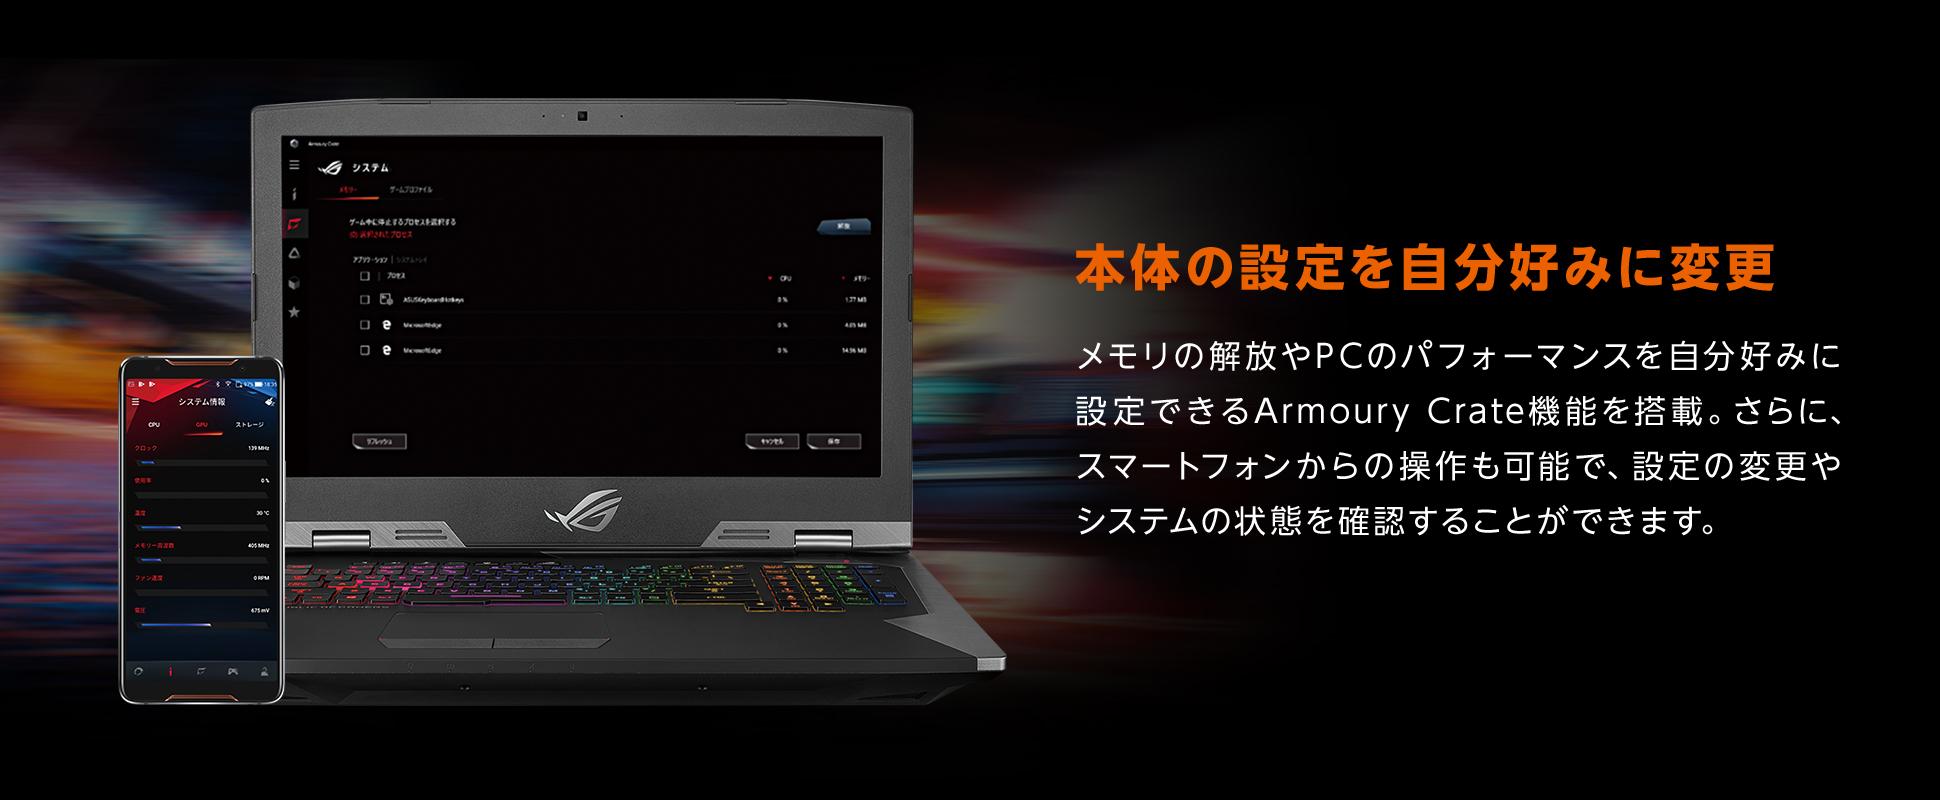 G703GX